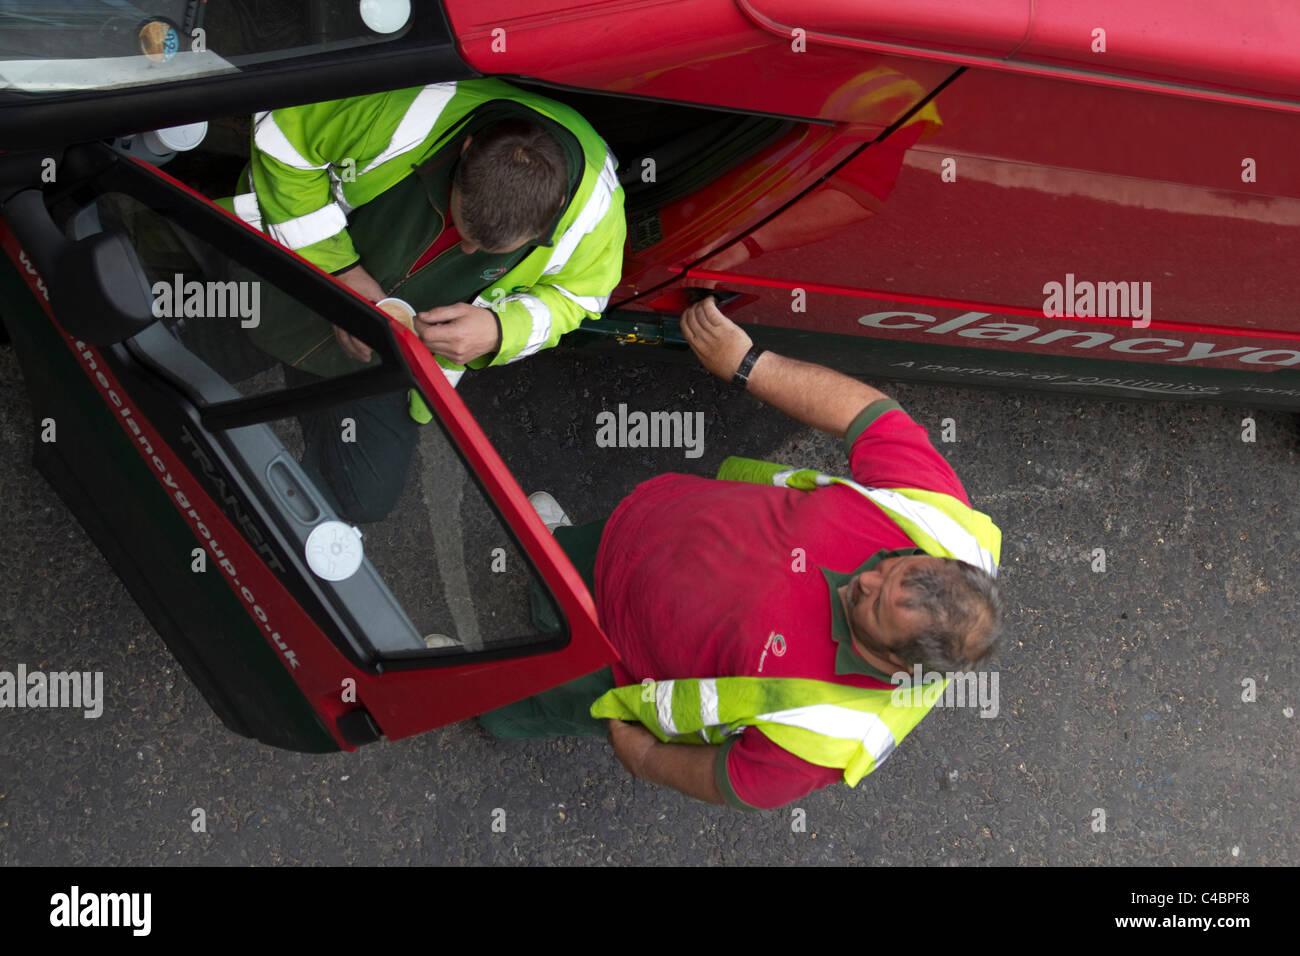 Clancy Docwra van with workmen - Stock Image